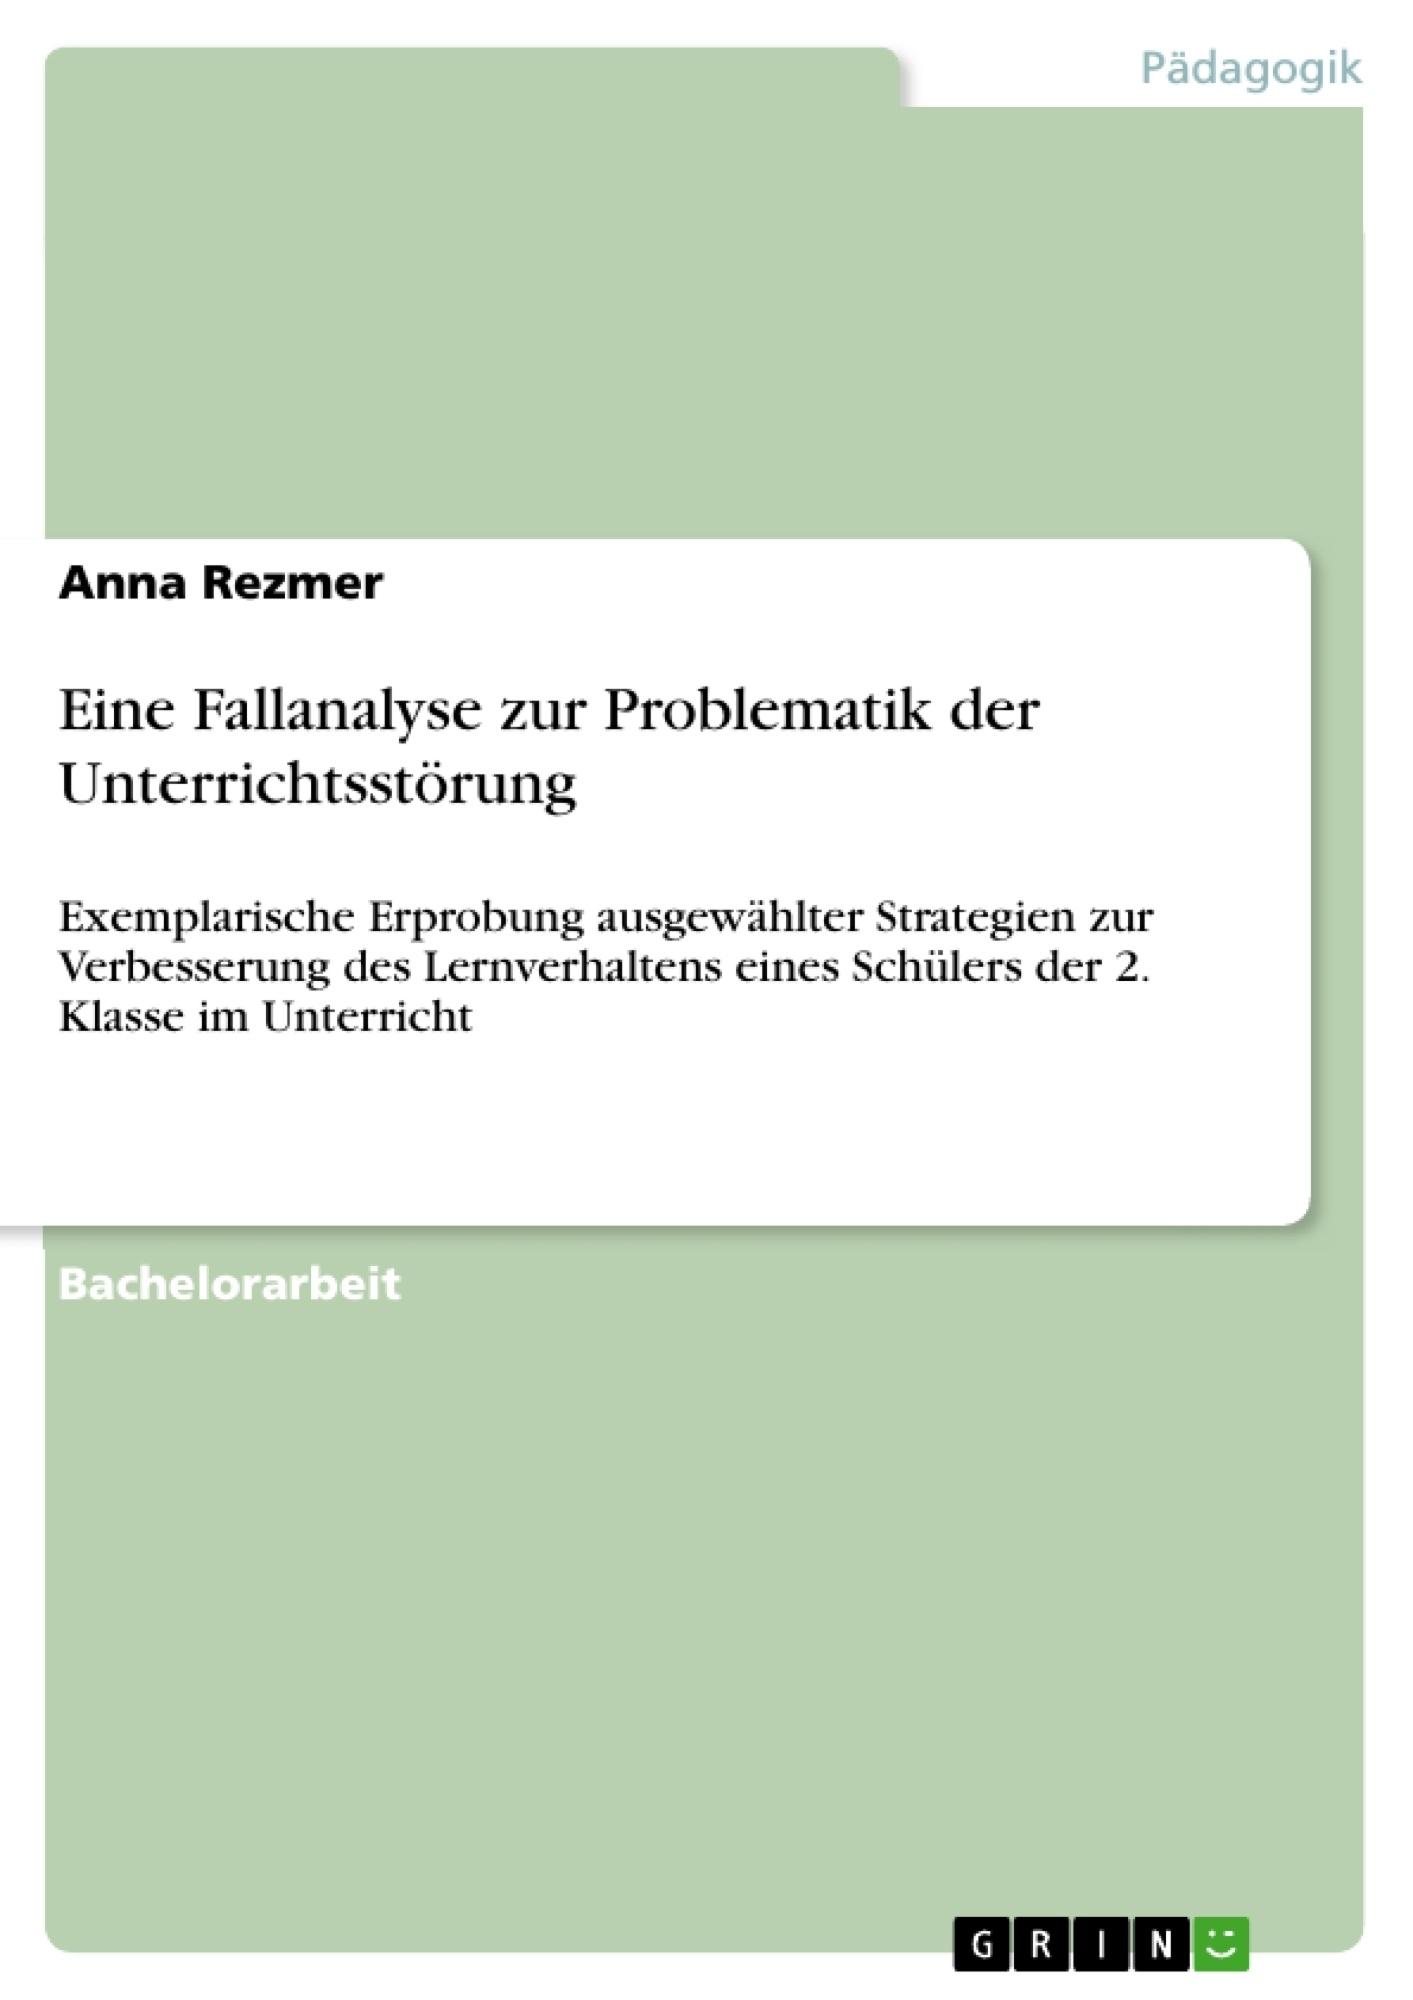 Titel: Eine Fallanalyse zur Problematik der Unterrichtsstörung